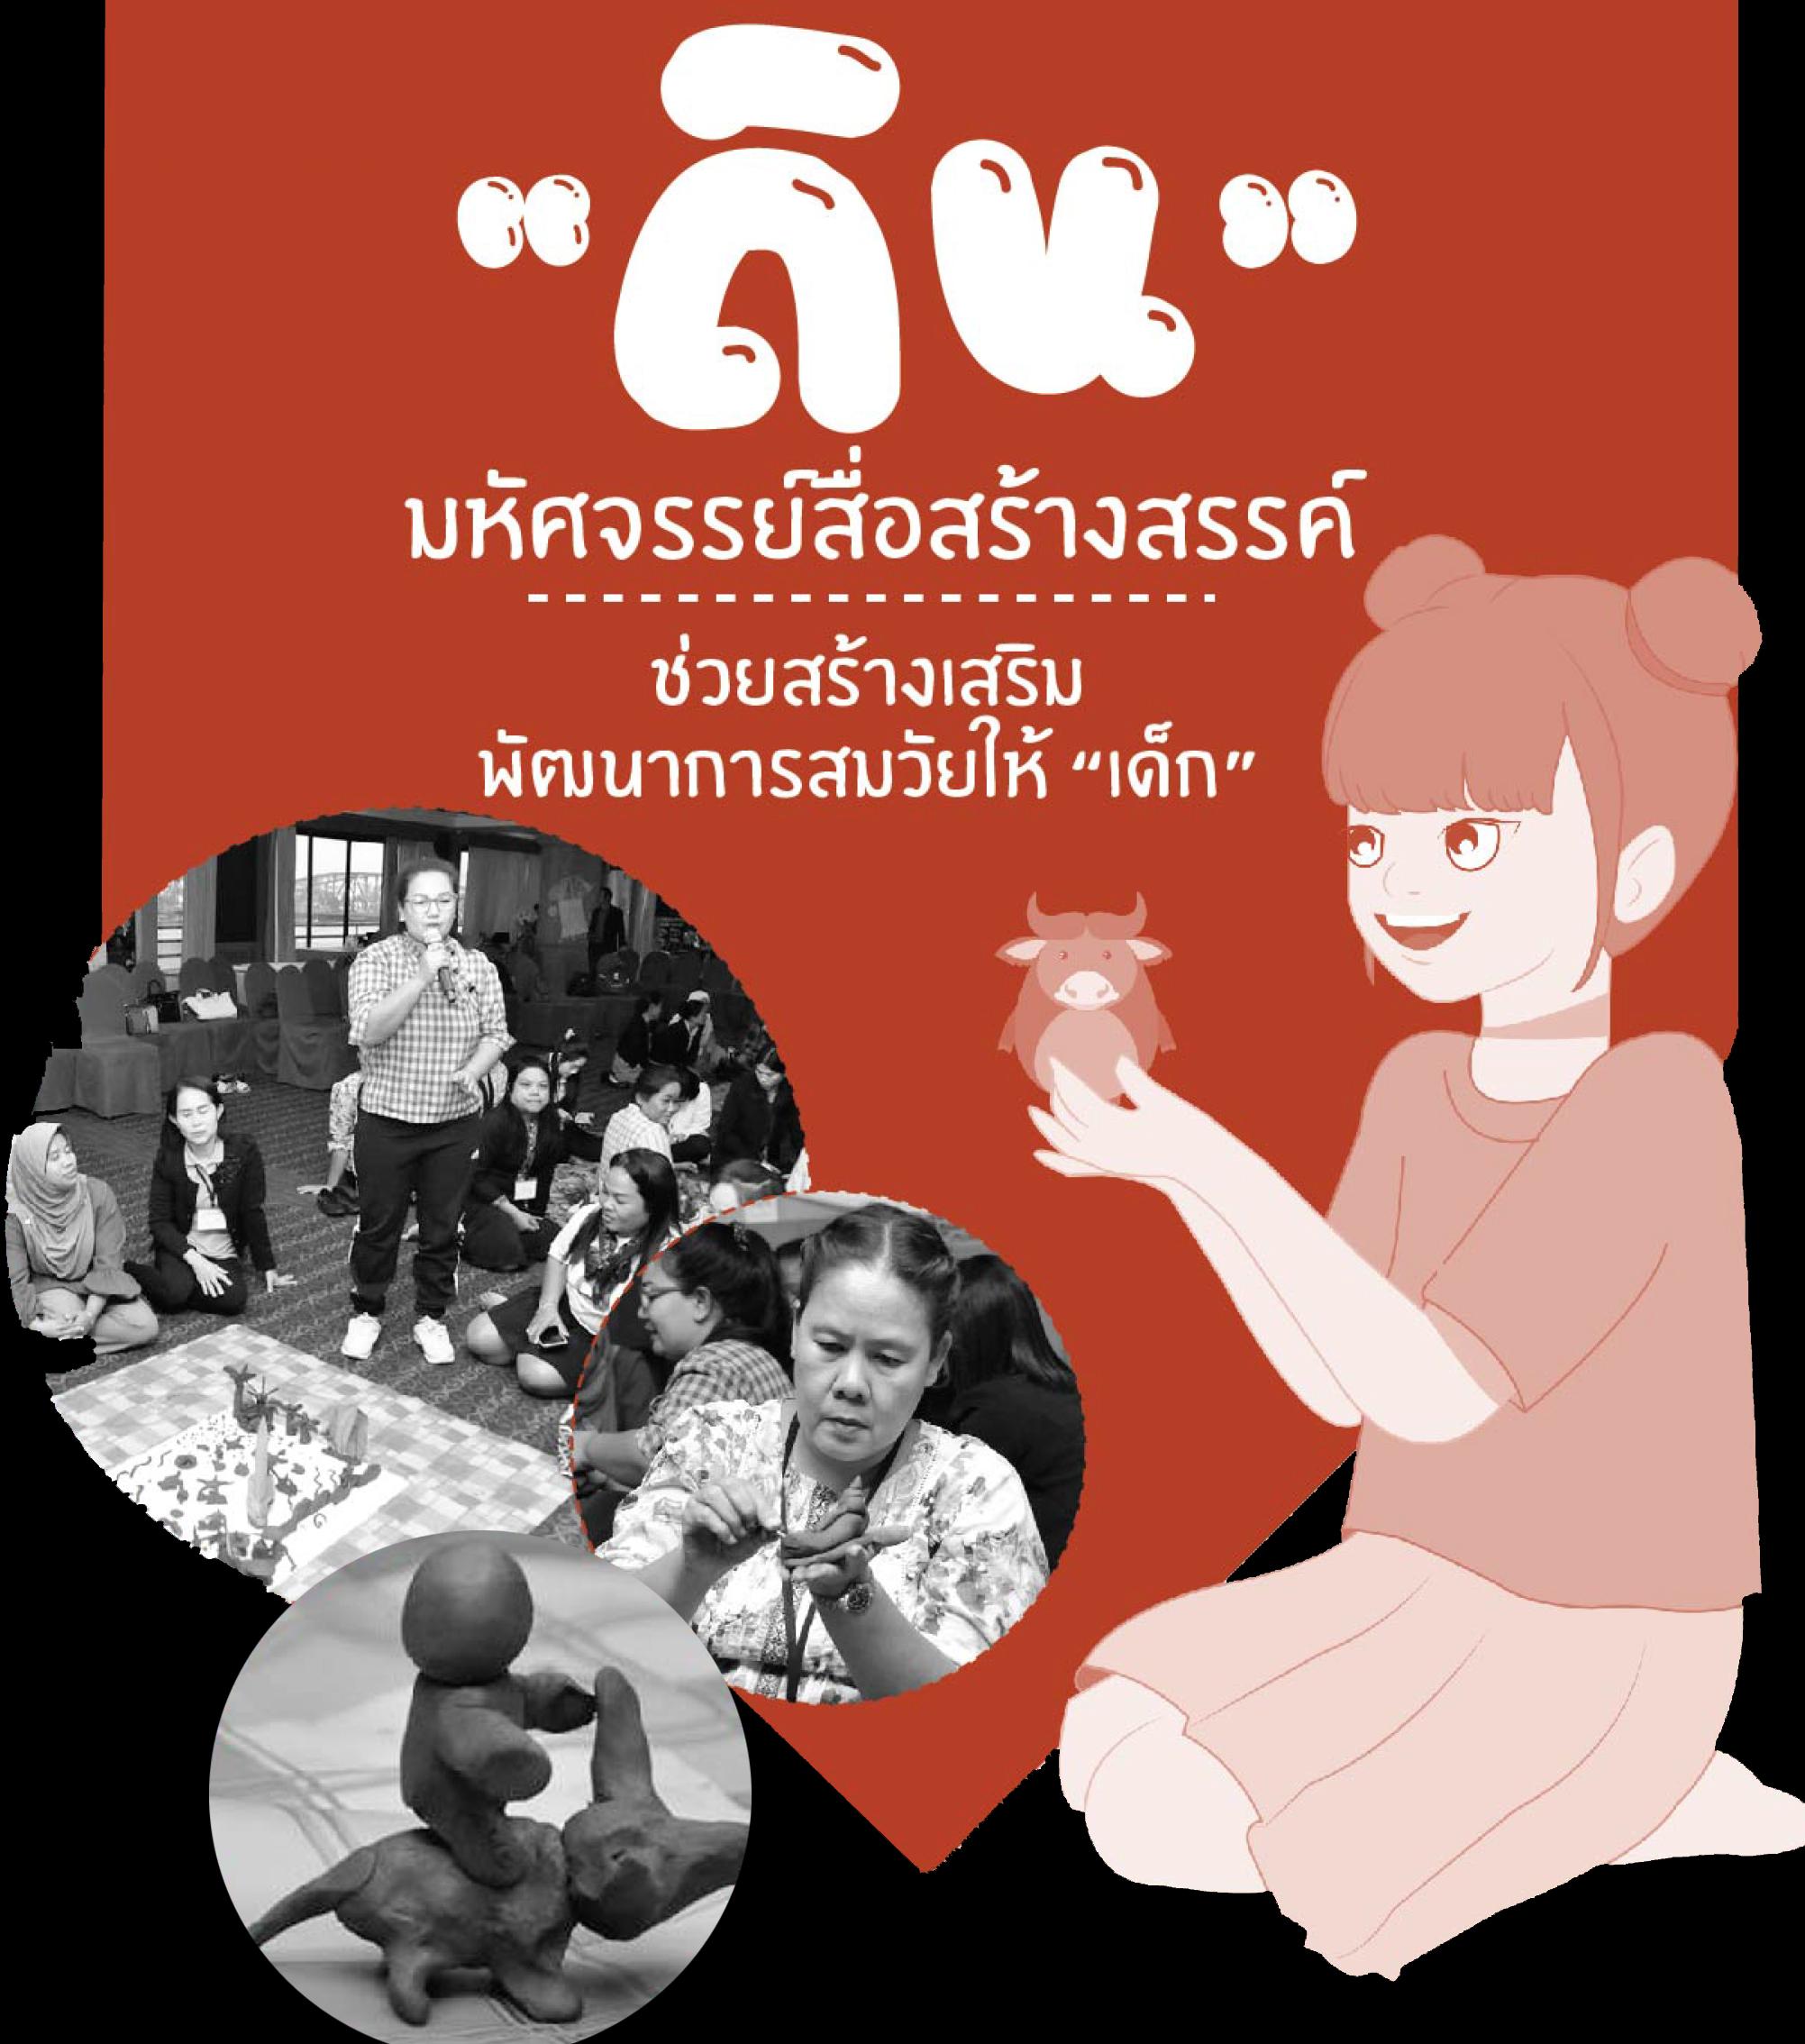 'ดิน' มหัศจรรย์สื่อสร้างสรรค์ เสริมพัฒนาการสมวัย thaihealth